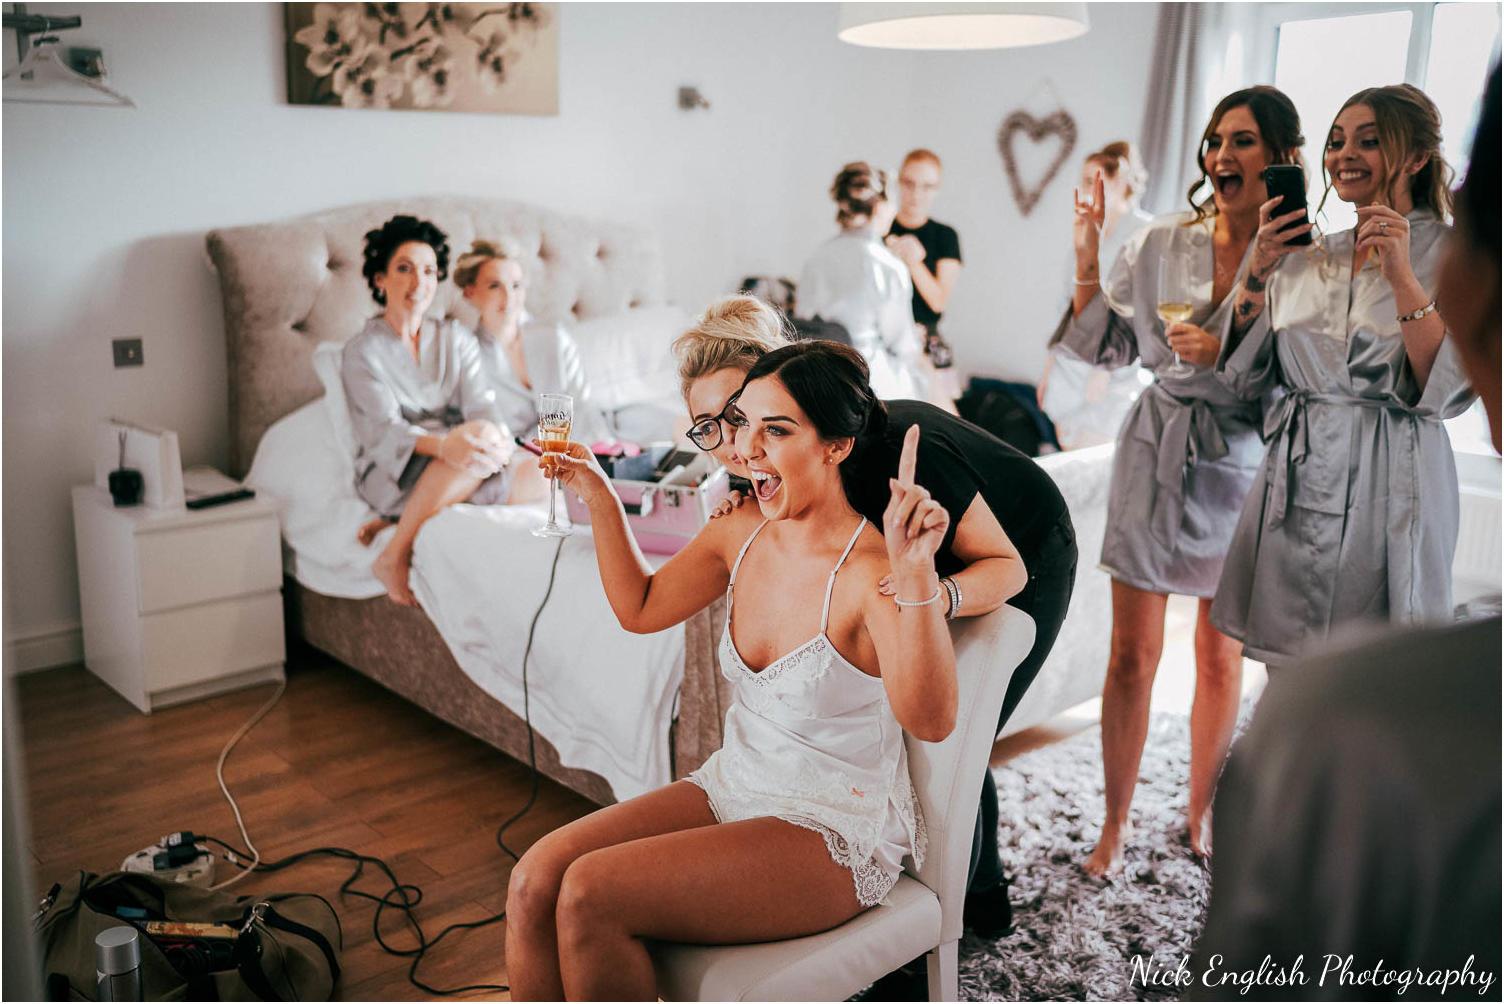 Browsholme_Hall_Barn_Wedding_Nick_English_Photography-9.jpg